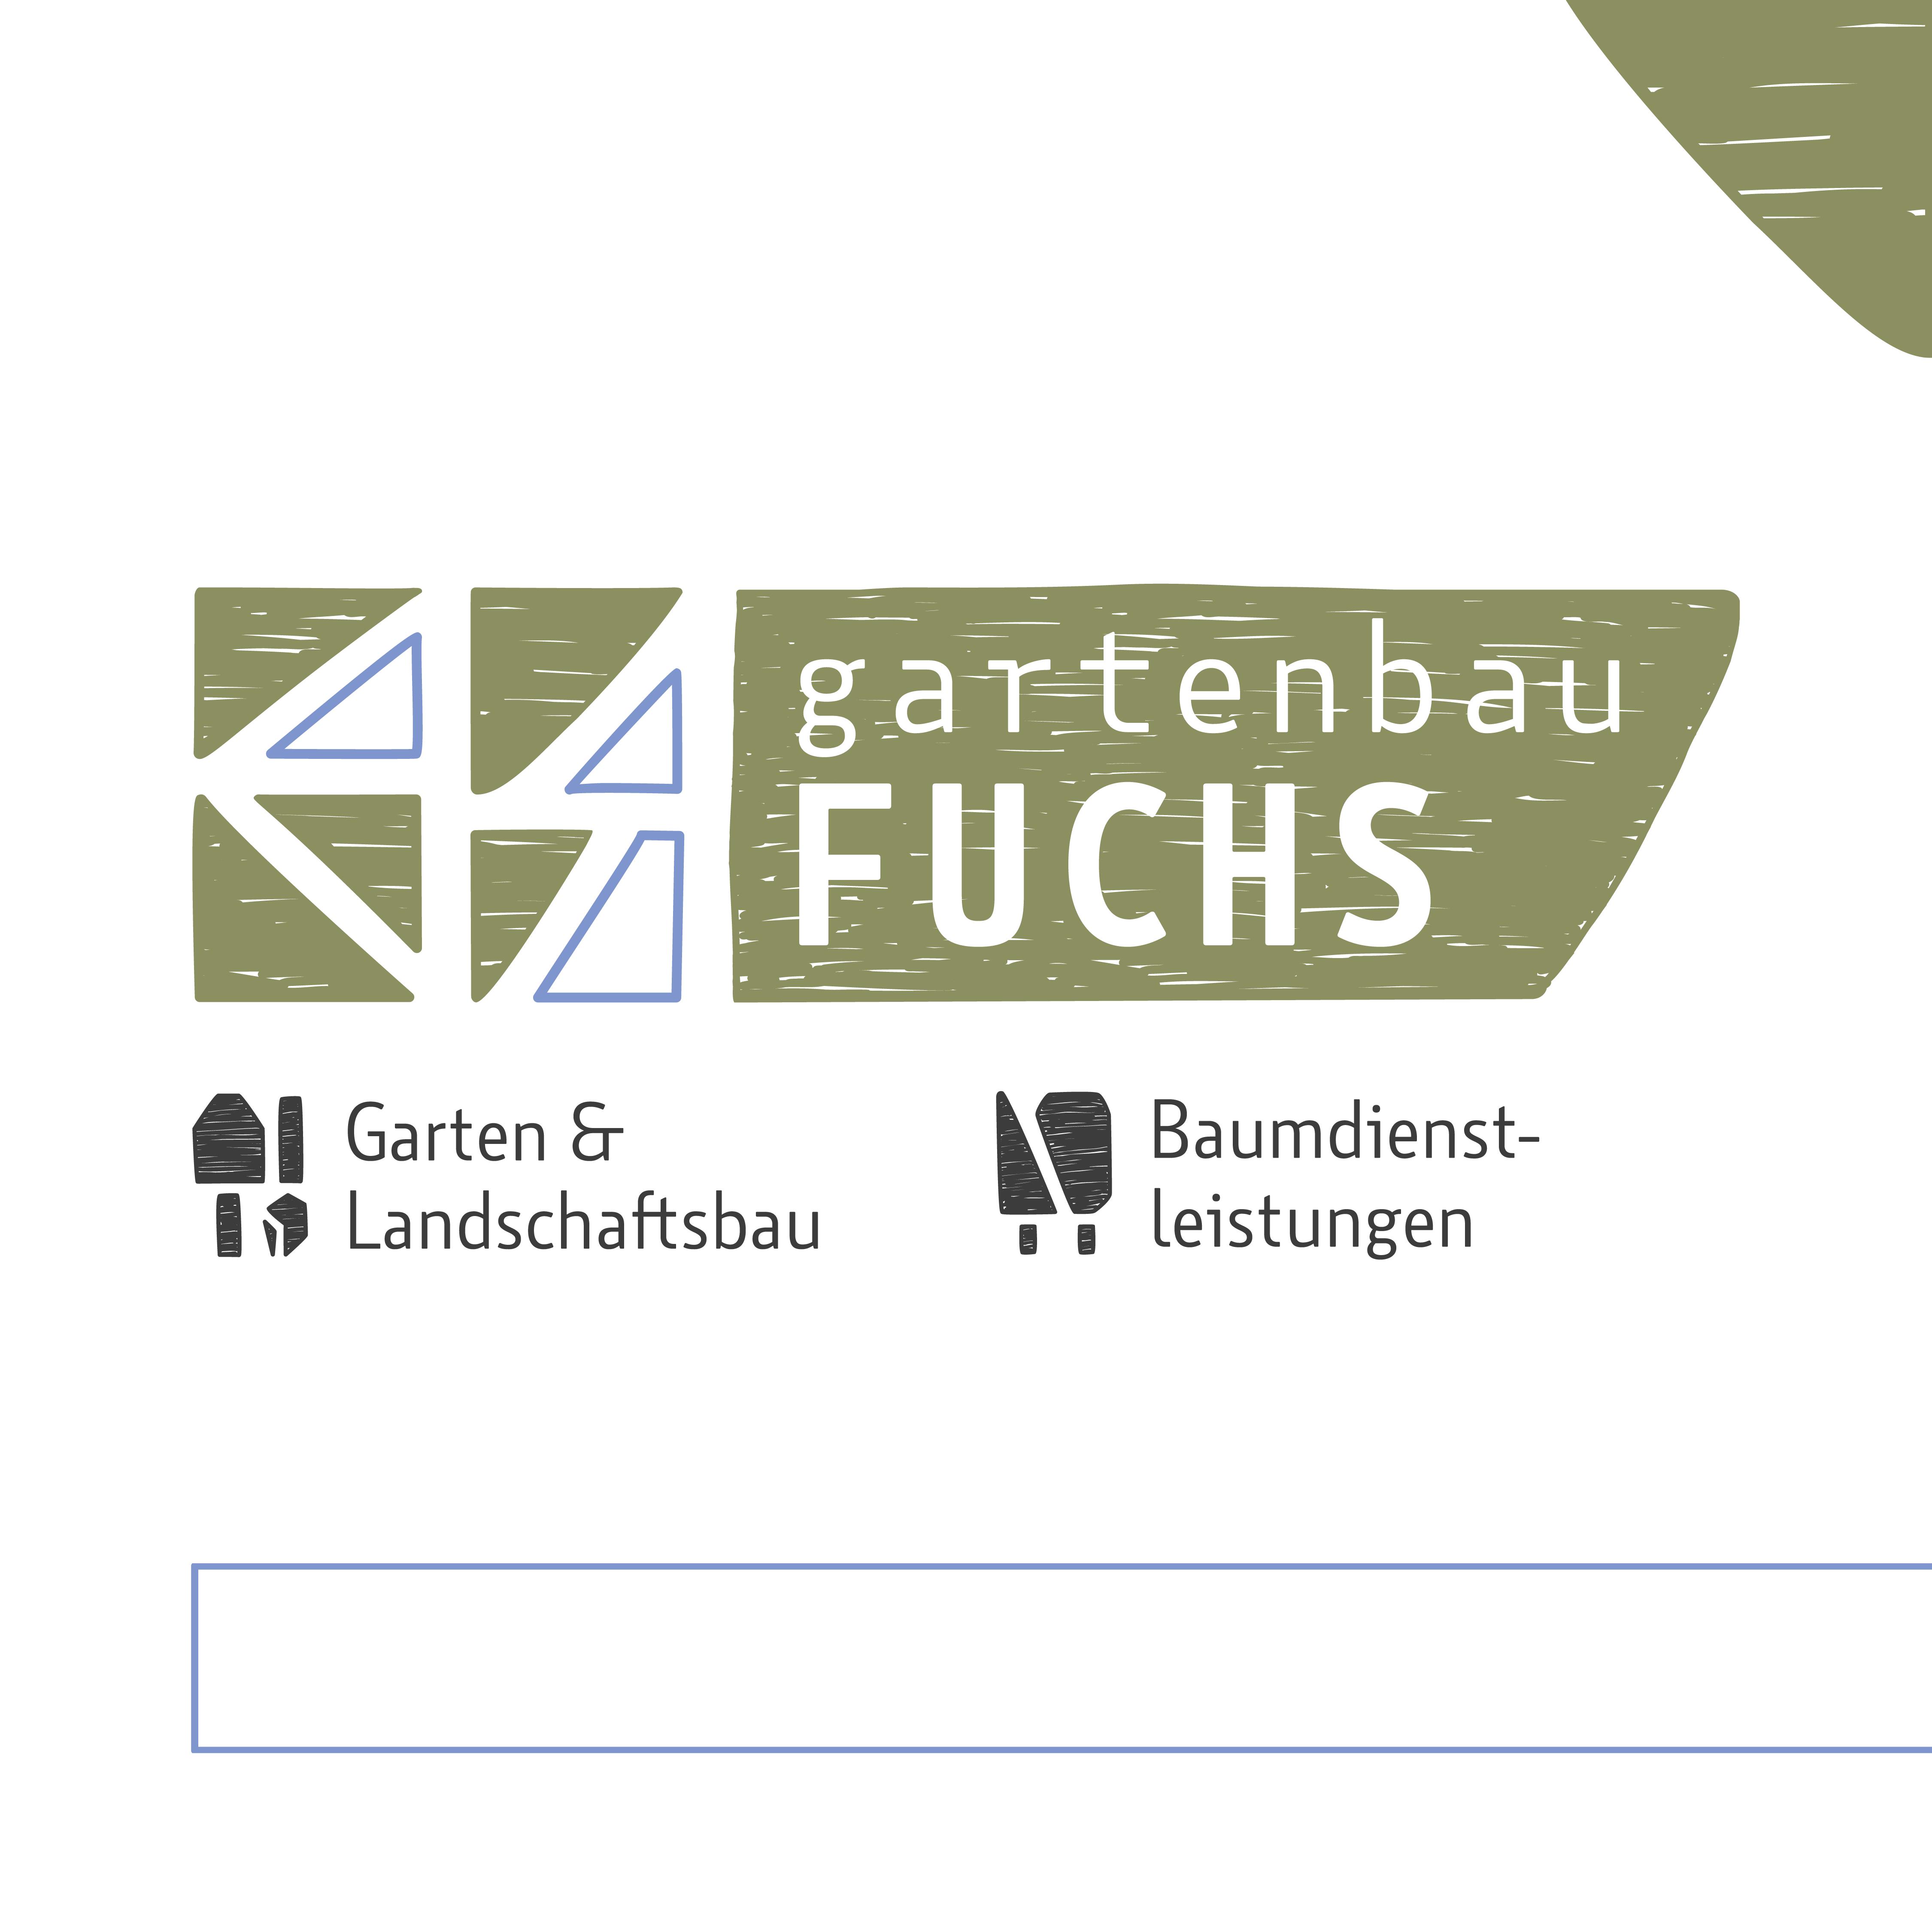 """grafikdesign. mittig ist das logo von gartenbau fuchs gesetzt. es besteht aus grünen, gezeichneten flächen & blauen konturen. angelehnt an eine natursteinmauer sind links abstrakt die großbuchstaben G & F zu sehen, rechts davon eine größere fläche mit dem schriftzug """"gartenbau FUCHS"""". darunter sind zwei icons, passend zu den zwei bereichen, die mit """"garten & landschaftsbau"""" sowie """"baumdienstleistungen"""" betitelt sind. zusätzlich zum logo zwei gestaltungselemente: rechts oben in der ecke eine grüne fläche, unten ein balken in blauer kontur"""